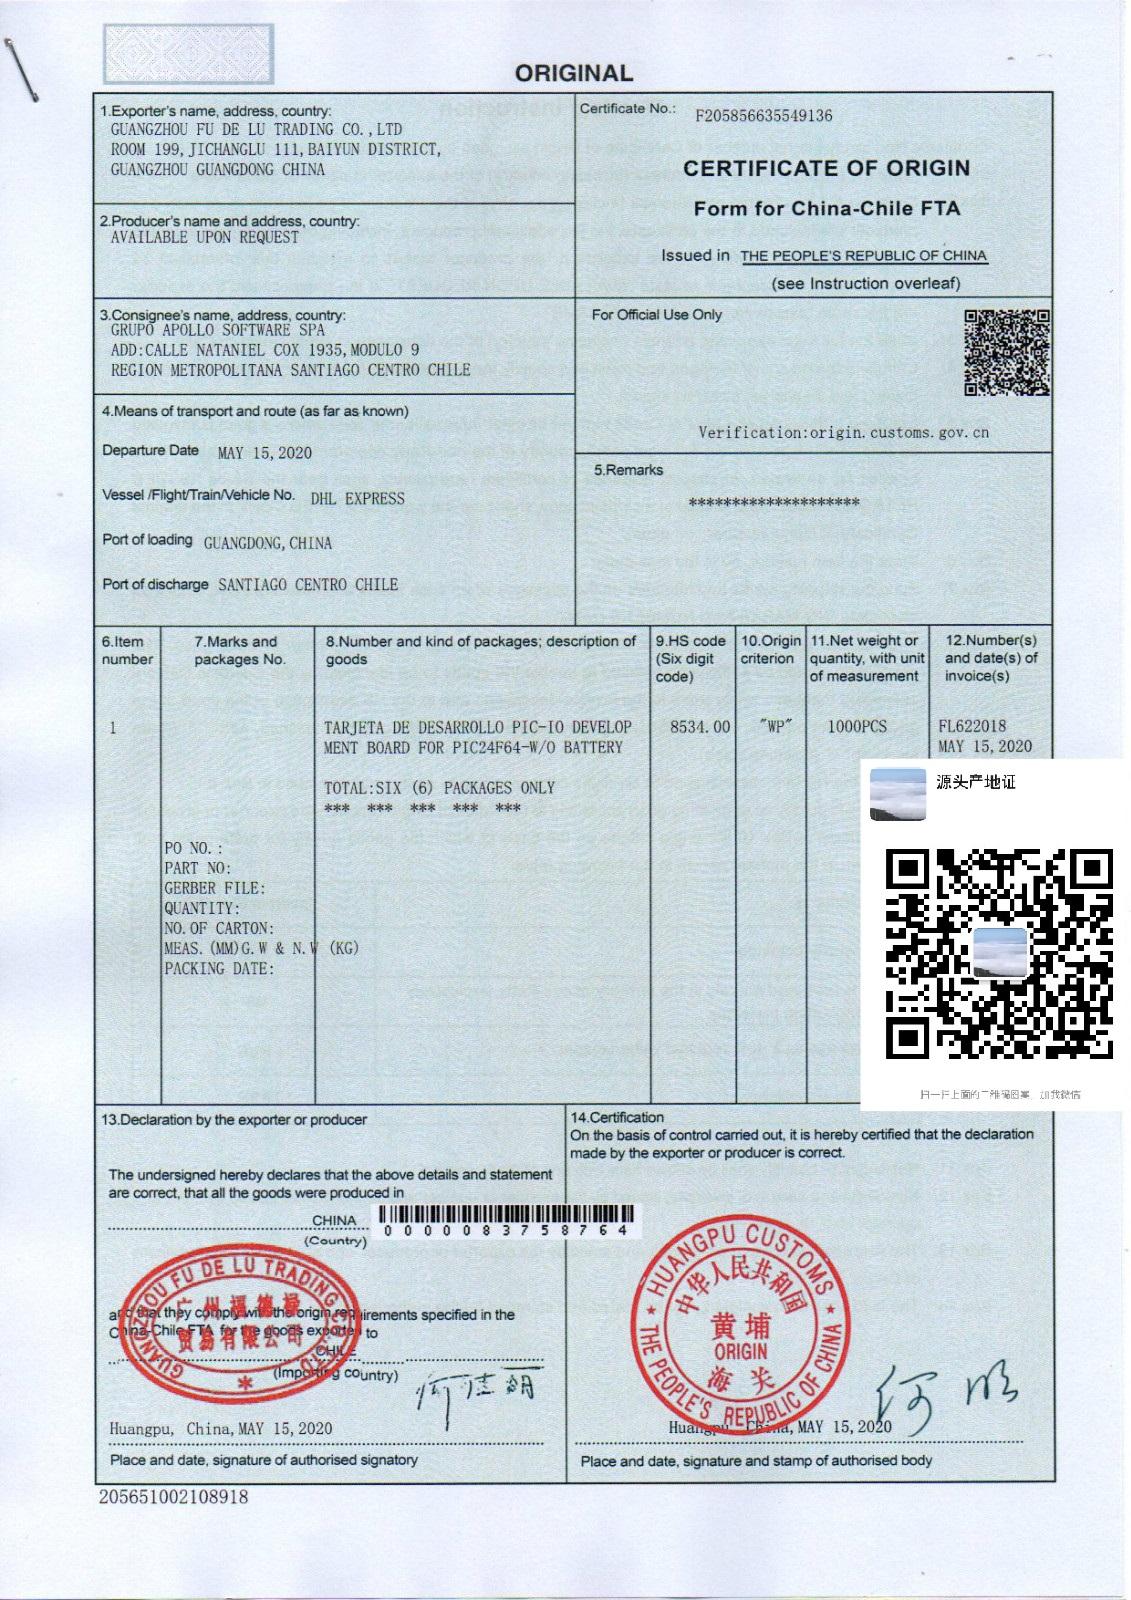 中国-智利原产地证书FORM F